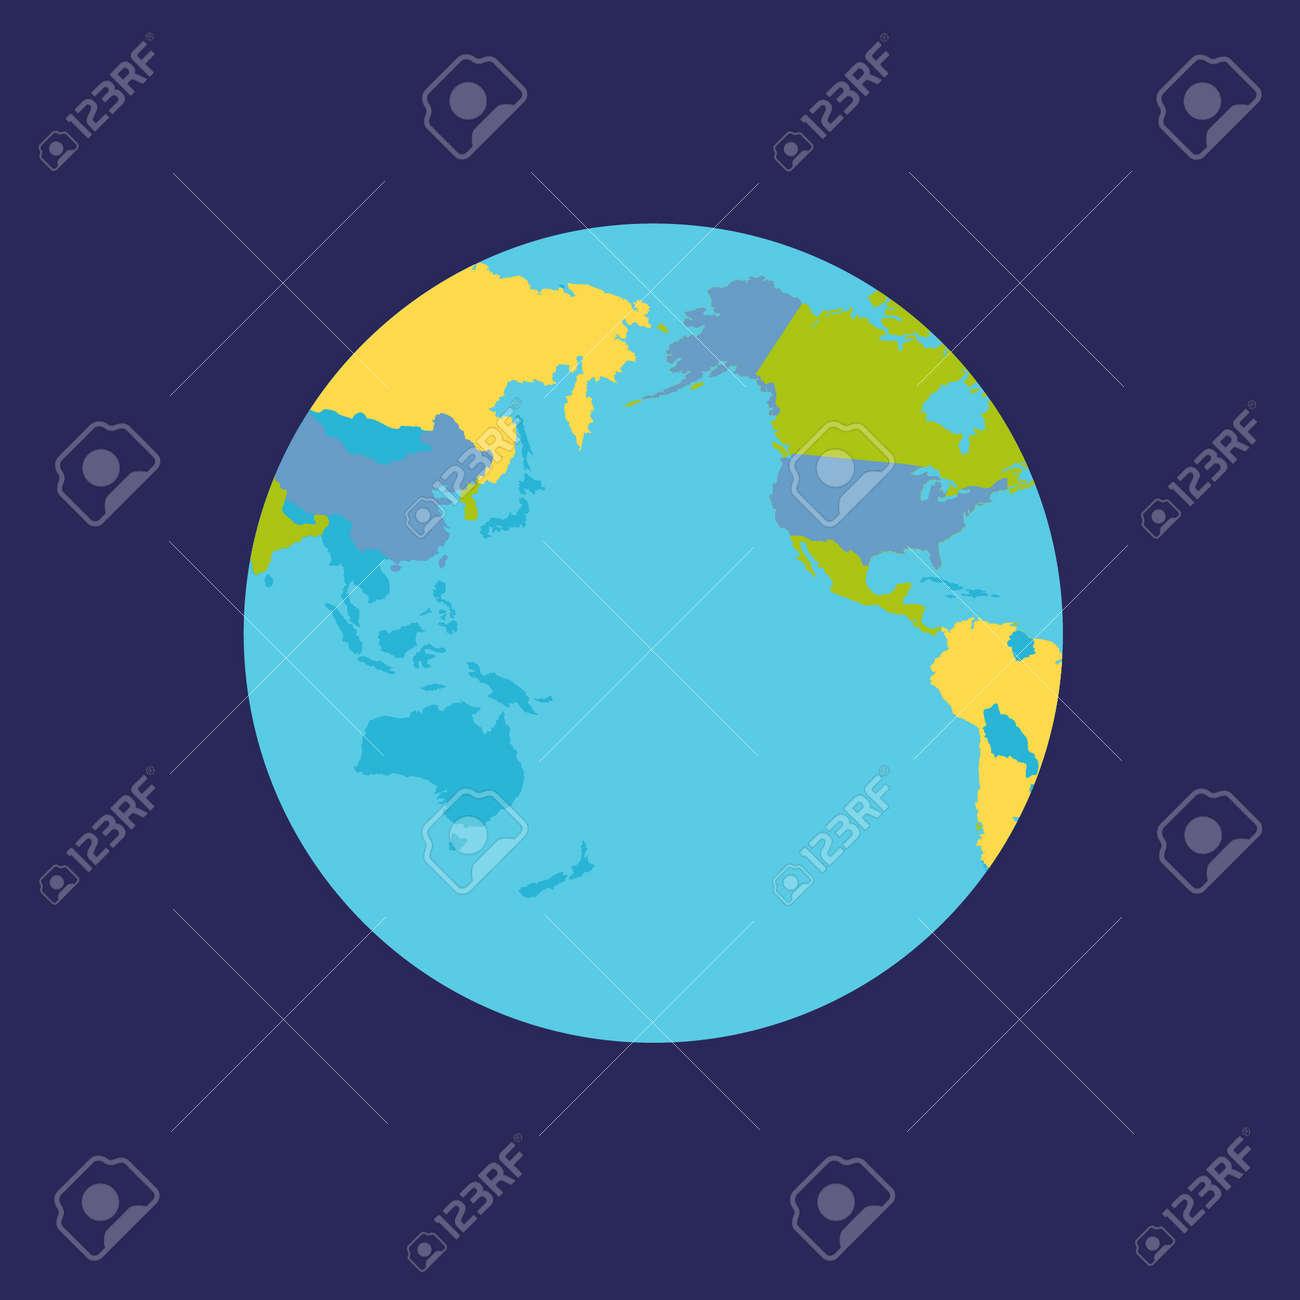 惑星の地球のイラスト政治地図と地球儀惑星の表面の国のシルエット